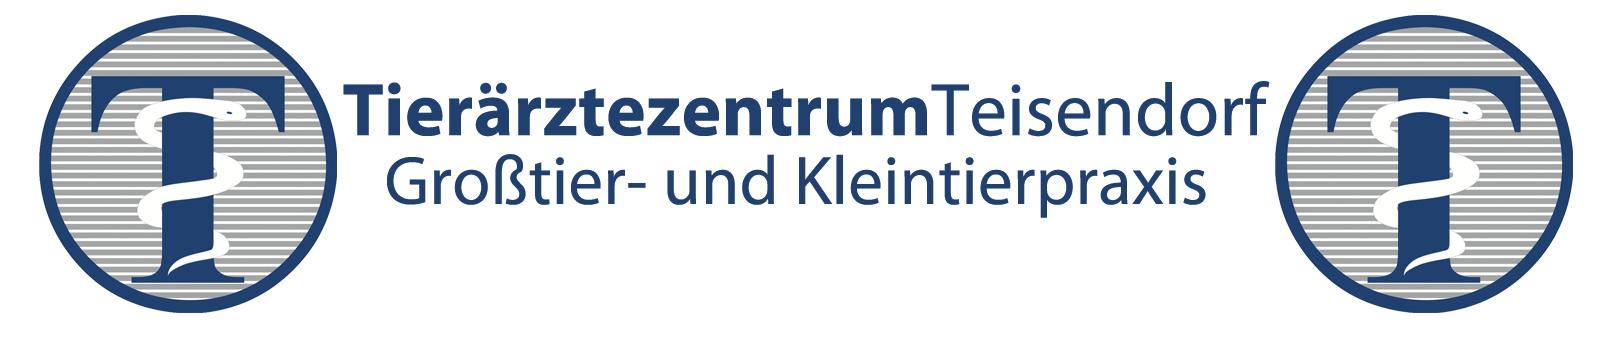 tieraerztezentrum-teisendorf